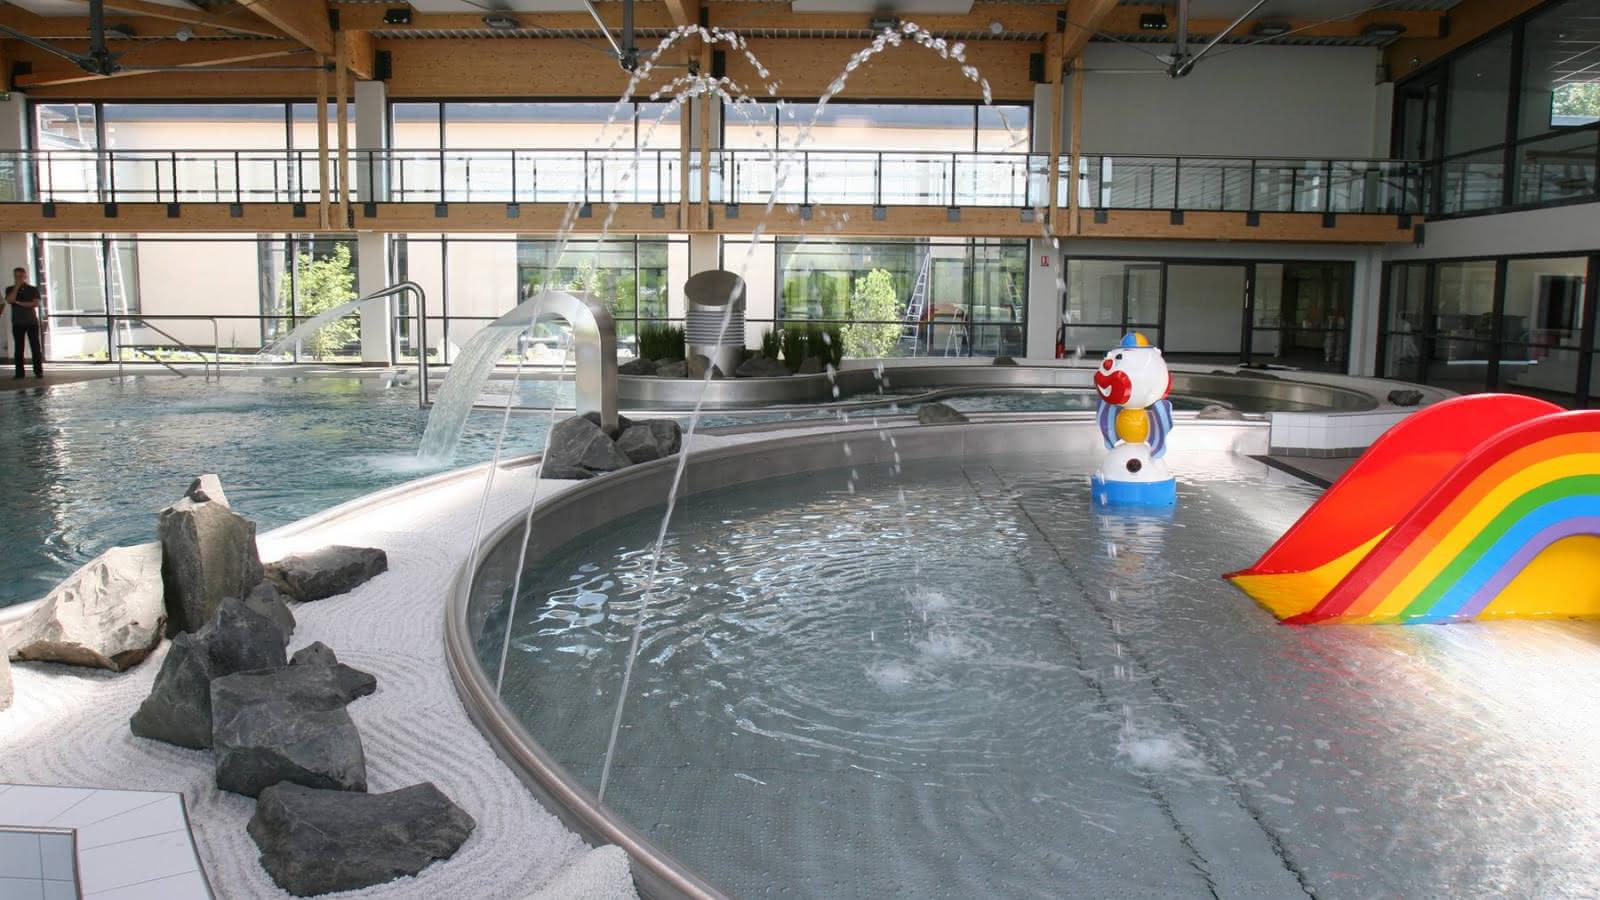 Schwimmbad Piscine Des Remparts - Selestat | Visit Alsace concernant Piscine De Selestat